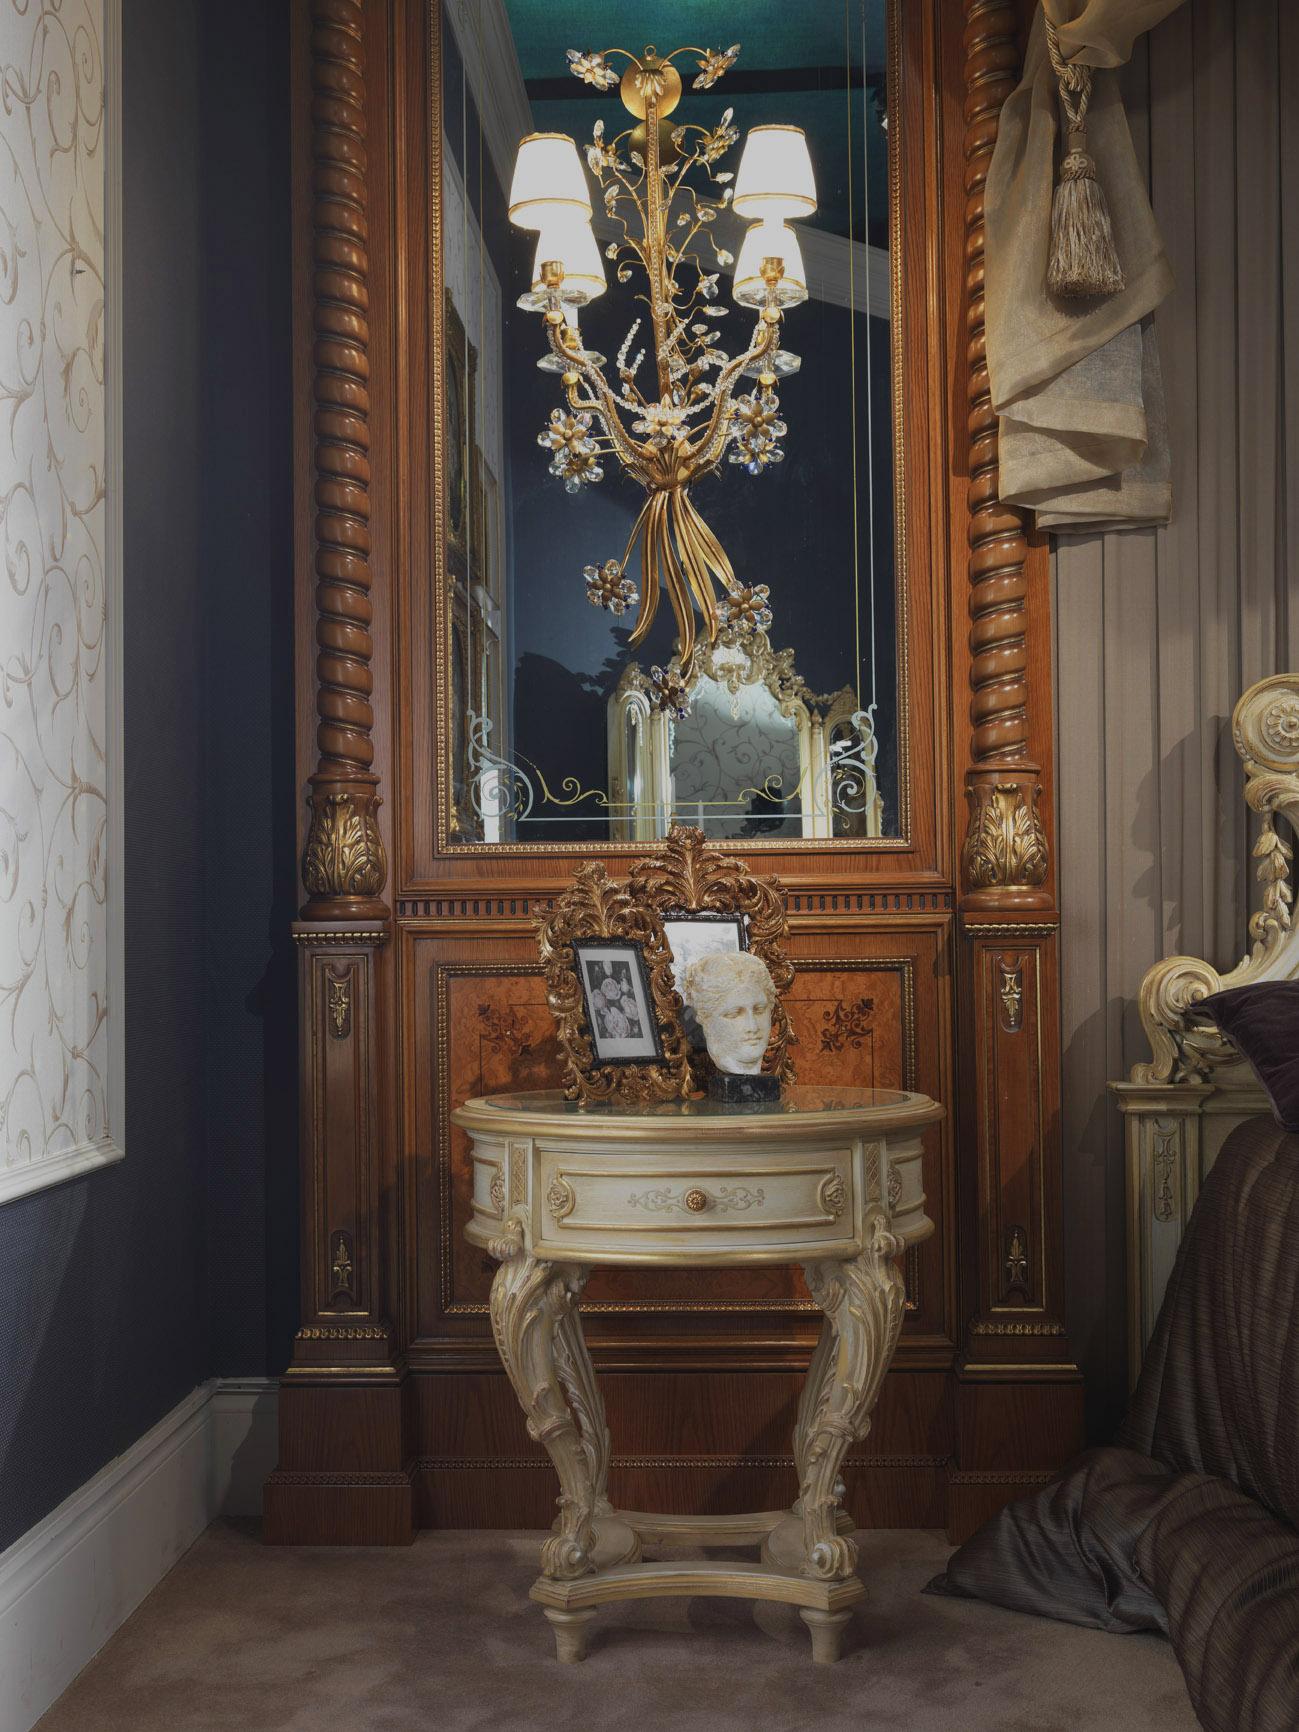 Camera da letto stile francese chic for Camera da letto in stile europeo